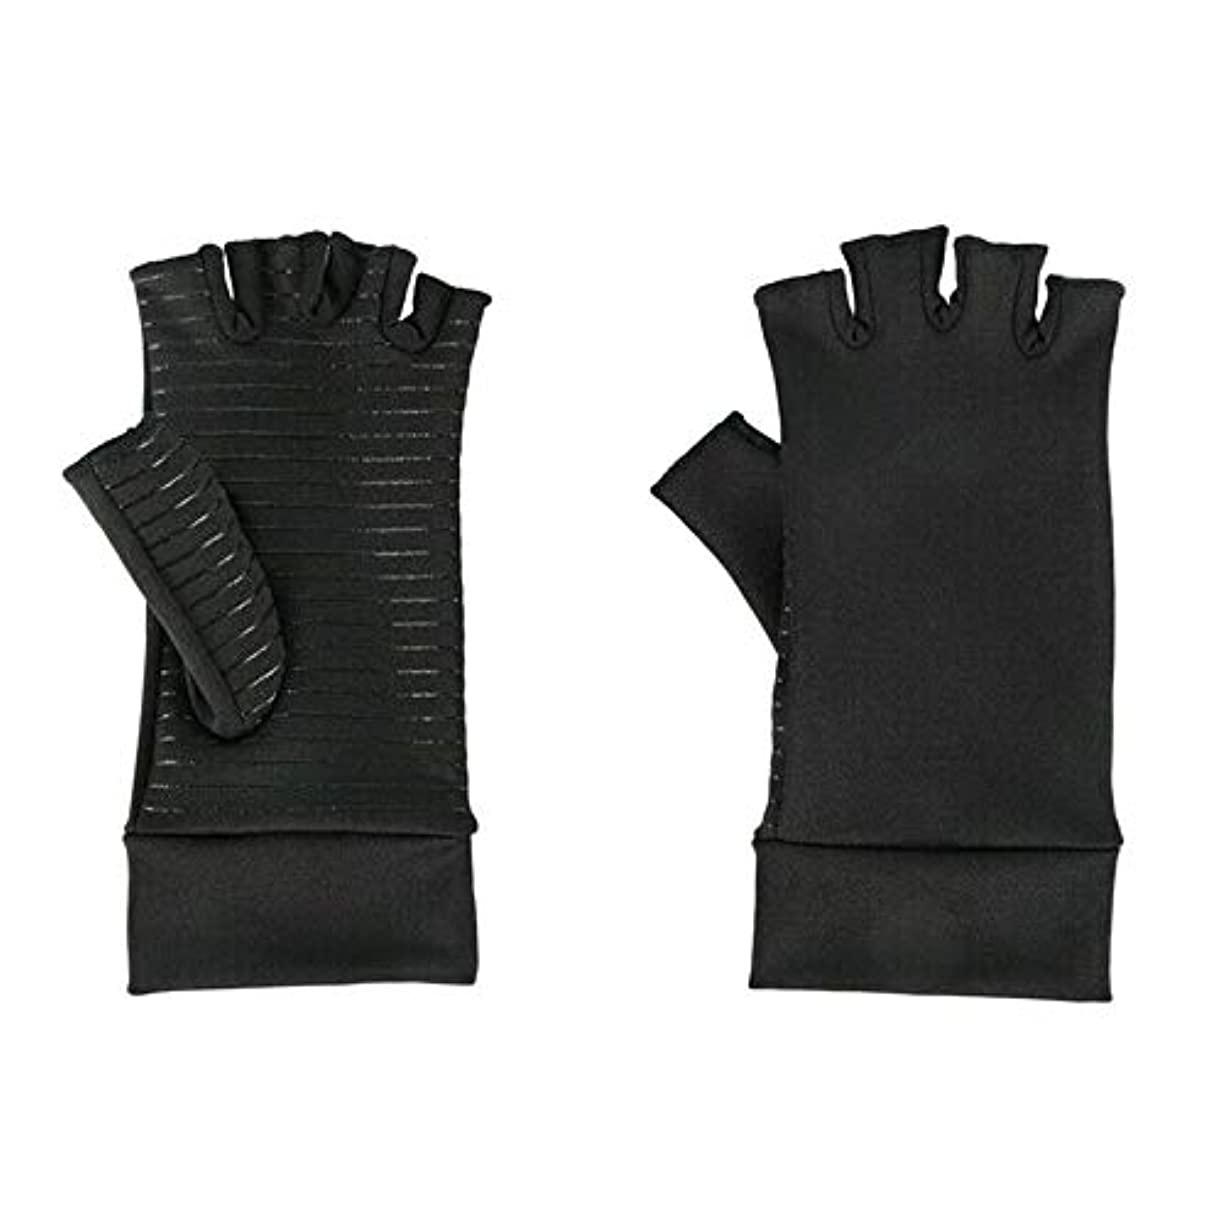 不可能な中世の勤勉TOOGOO 圧縮手袋、関節炎、手根管、手首の装具、サポート、S